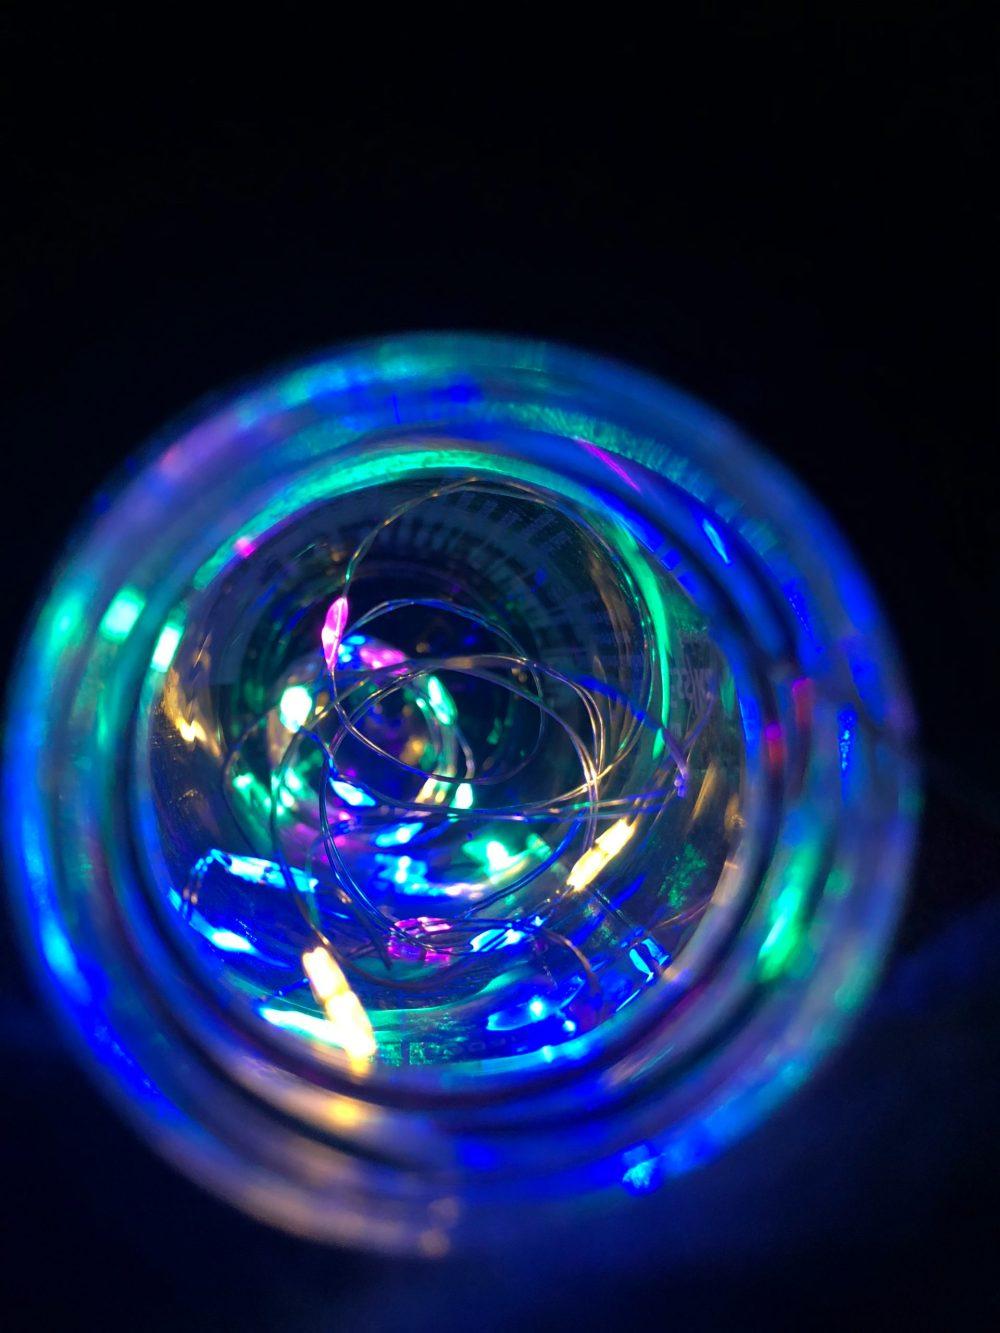 Bunte Lichterkette erstrahlt die Glasflasche